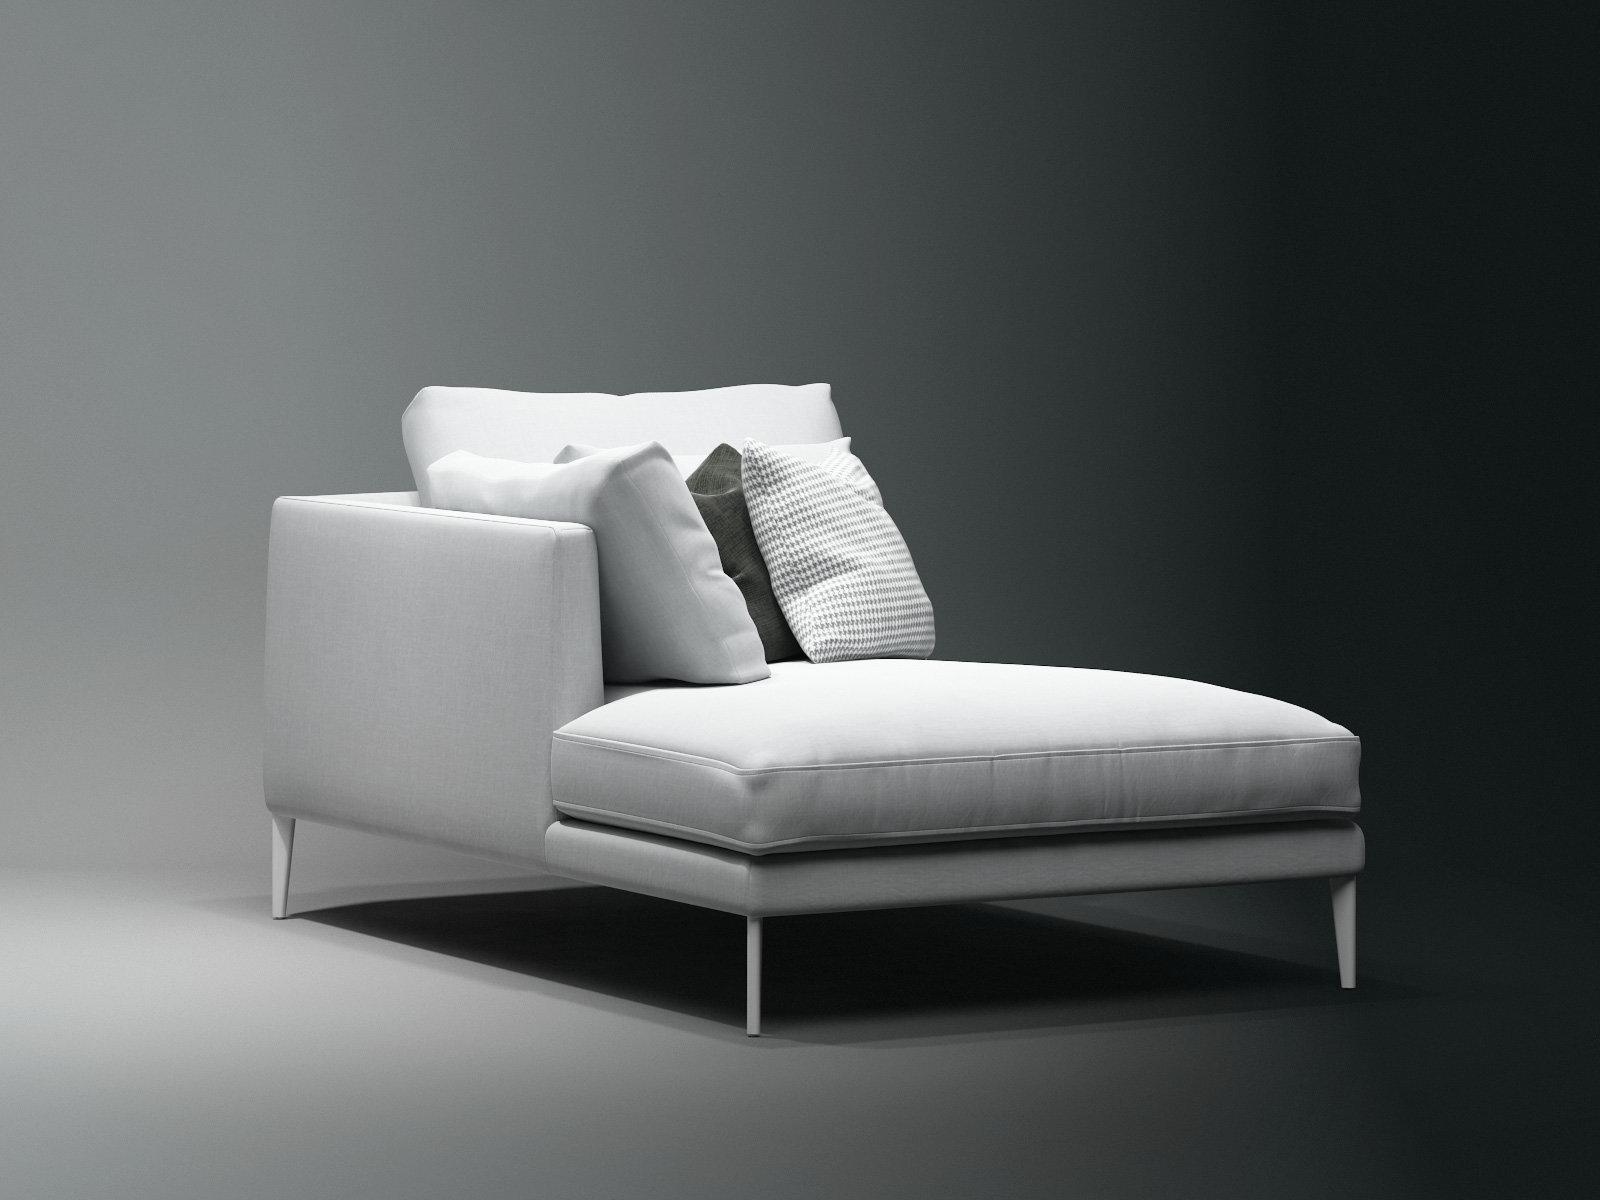 Paraiso chaise longue 3d model bonaldo for Chaise 3d dessin